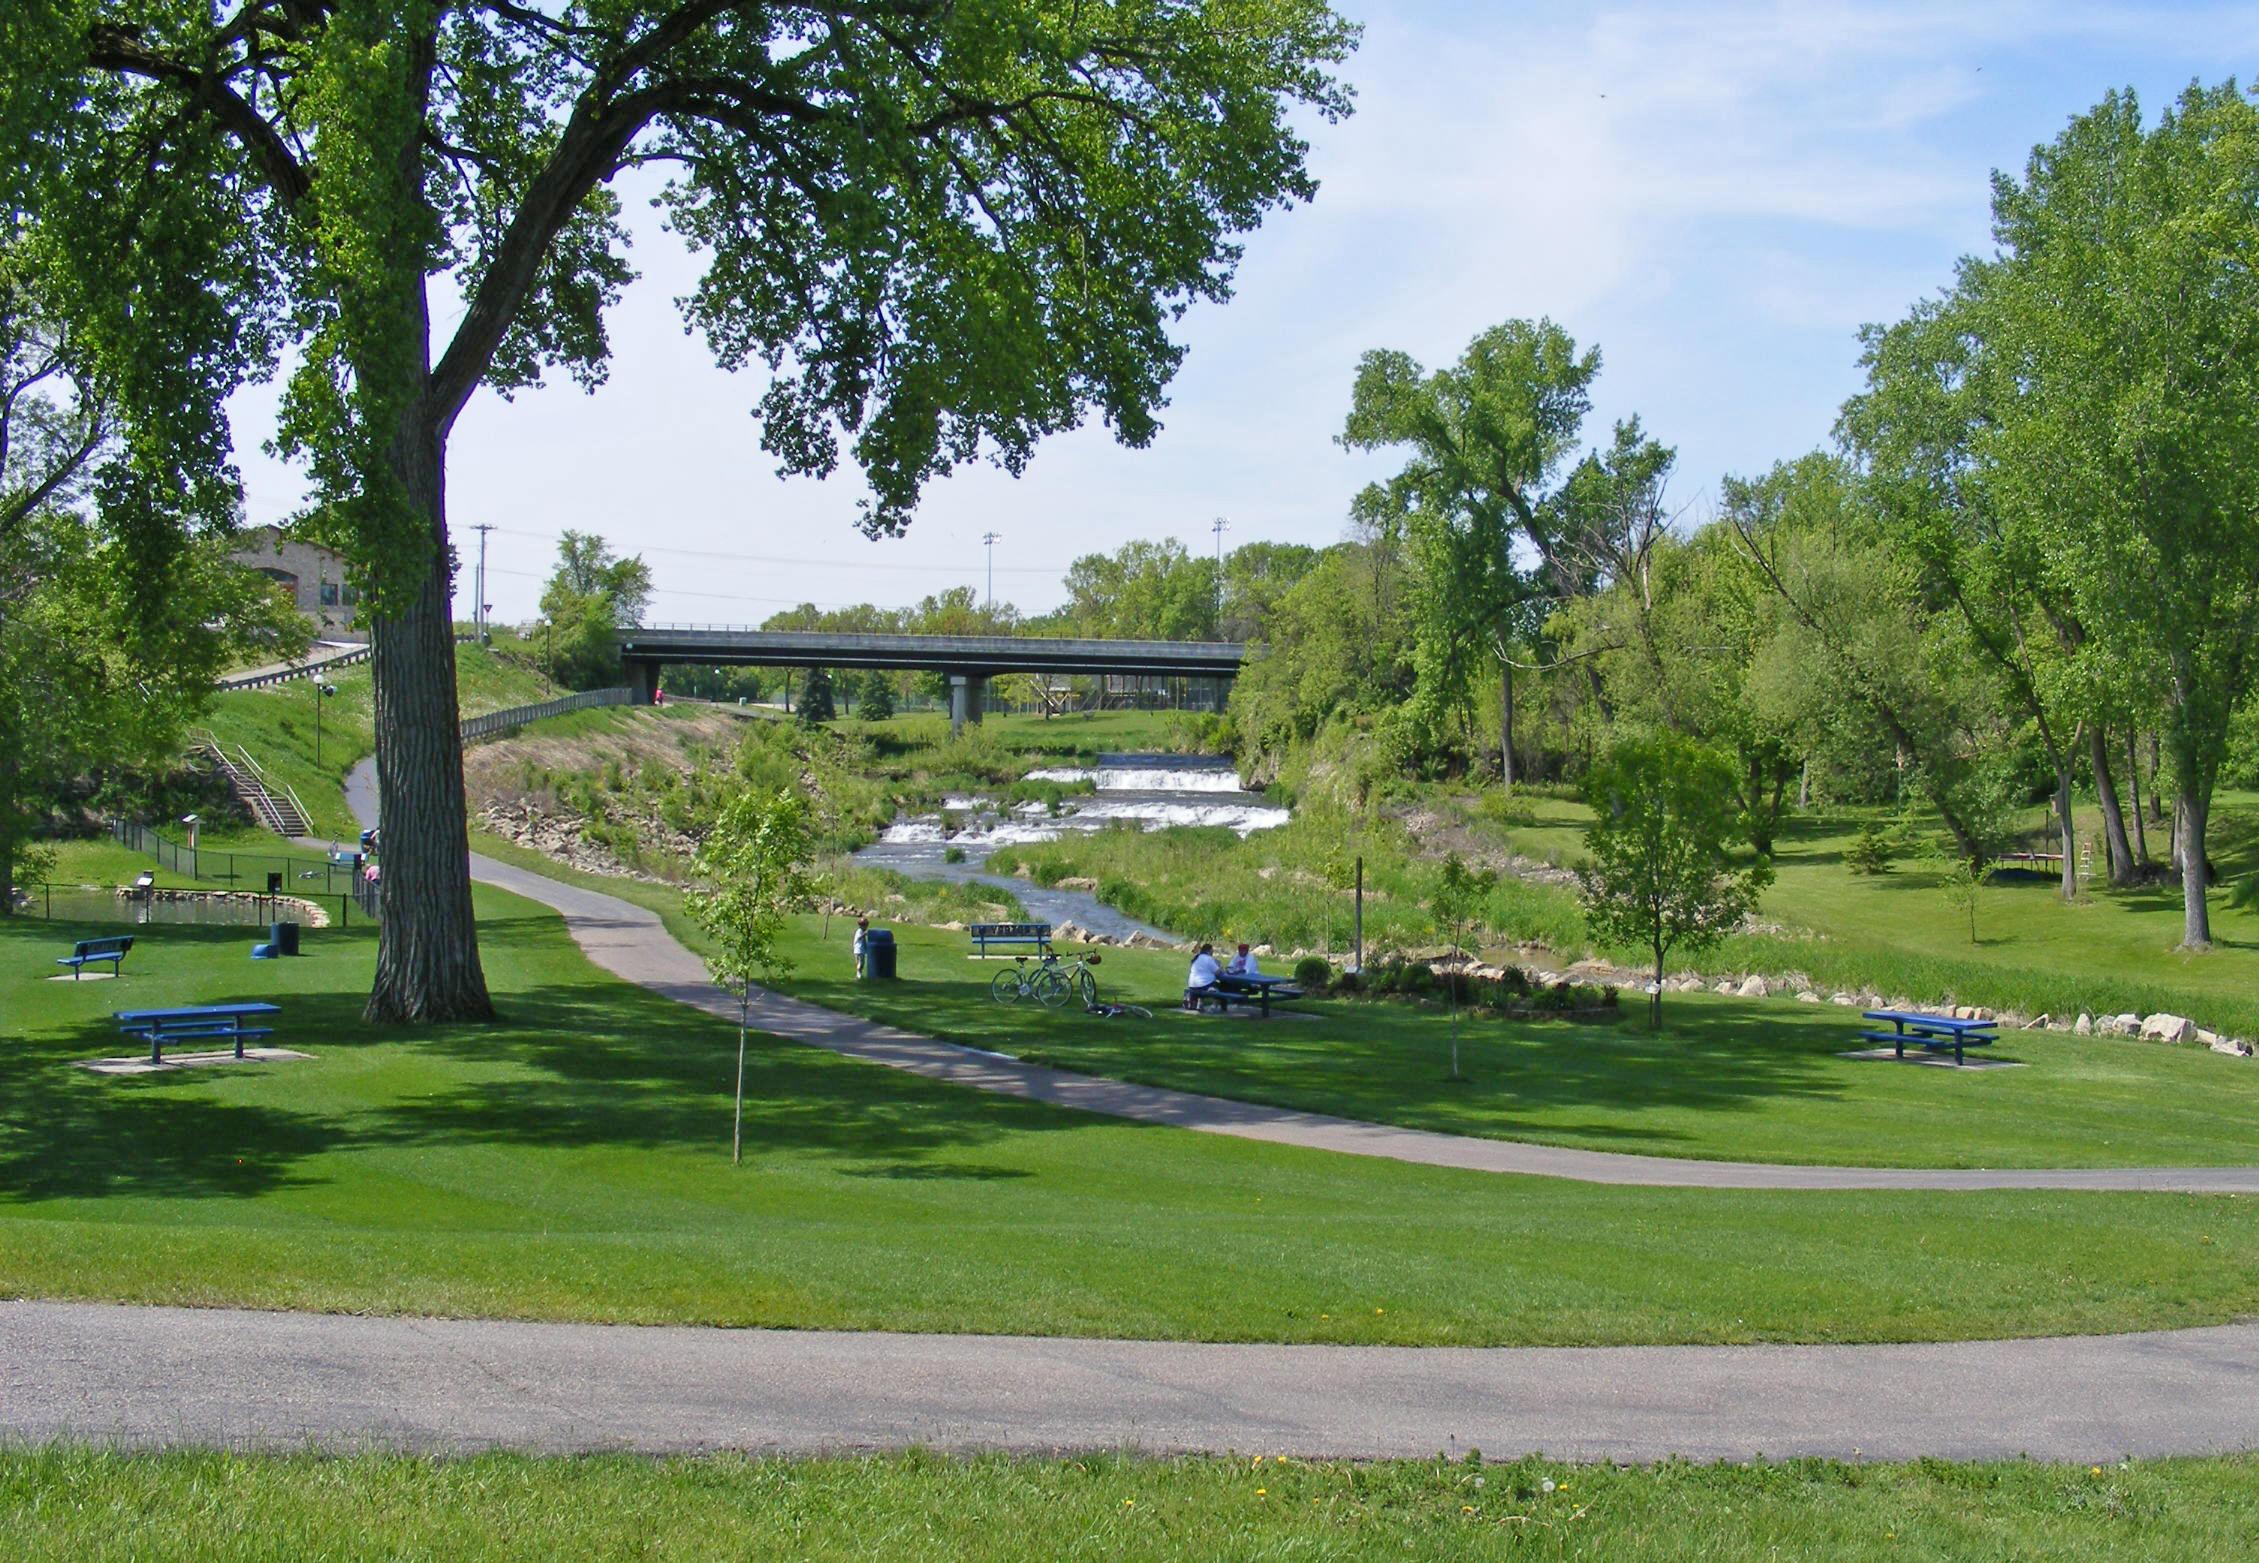 cannon falls Cannon falls è una città degli stati uniti d'america, situata in minnesota, nella contea di goodhue in questa città il gruppo musicale dei nirvana ha registrato l.